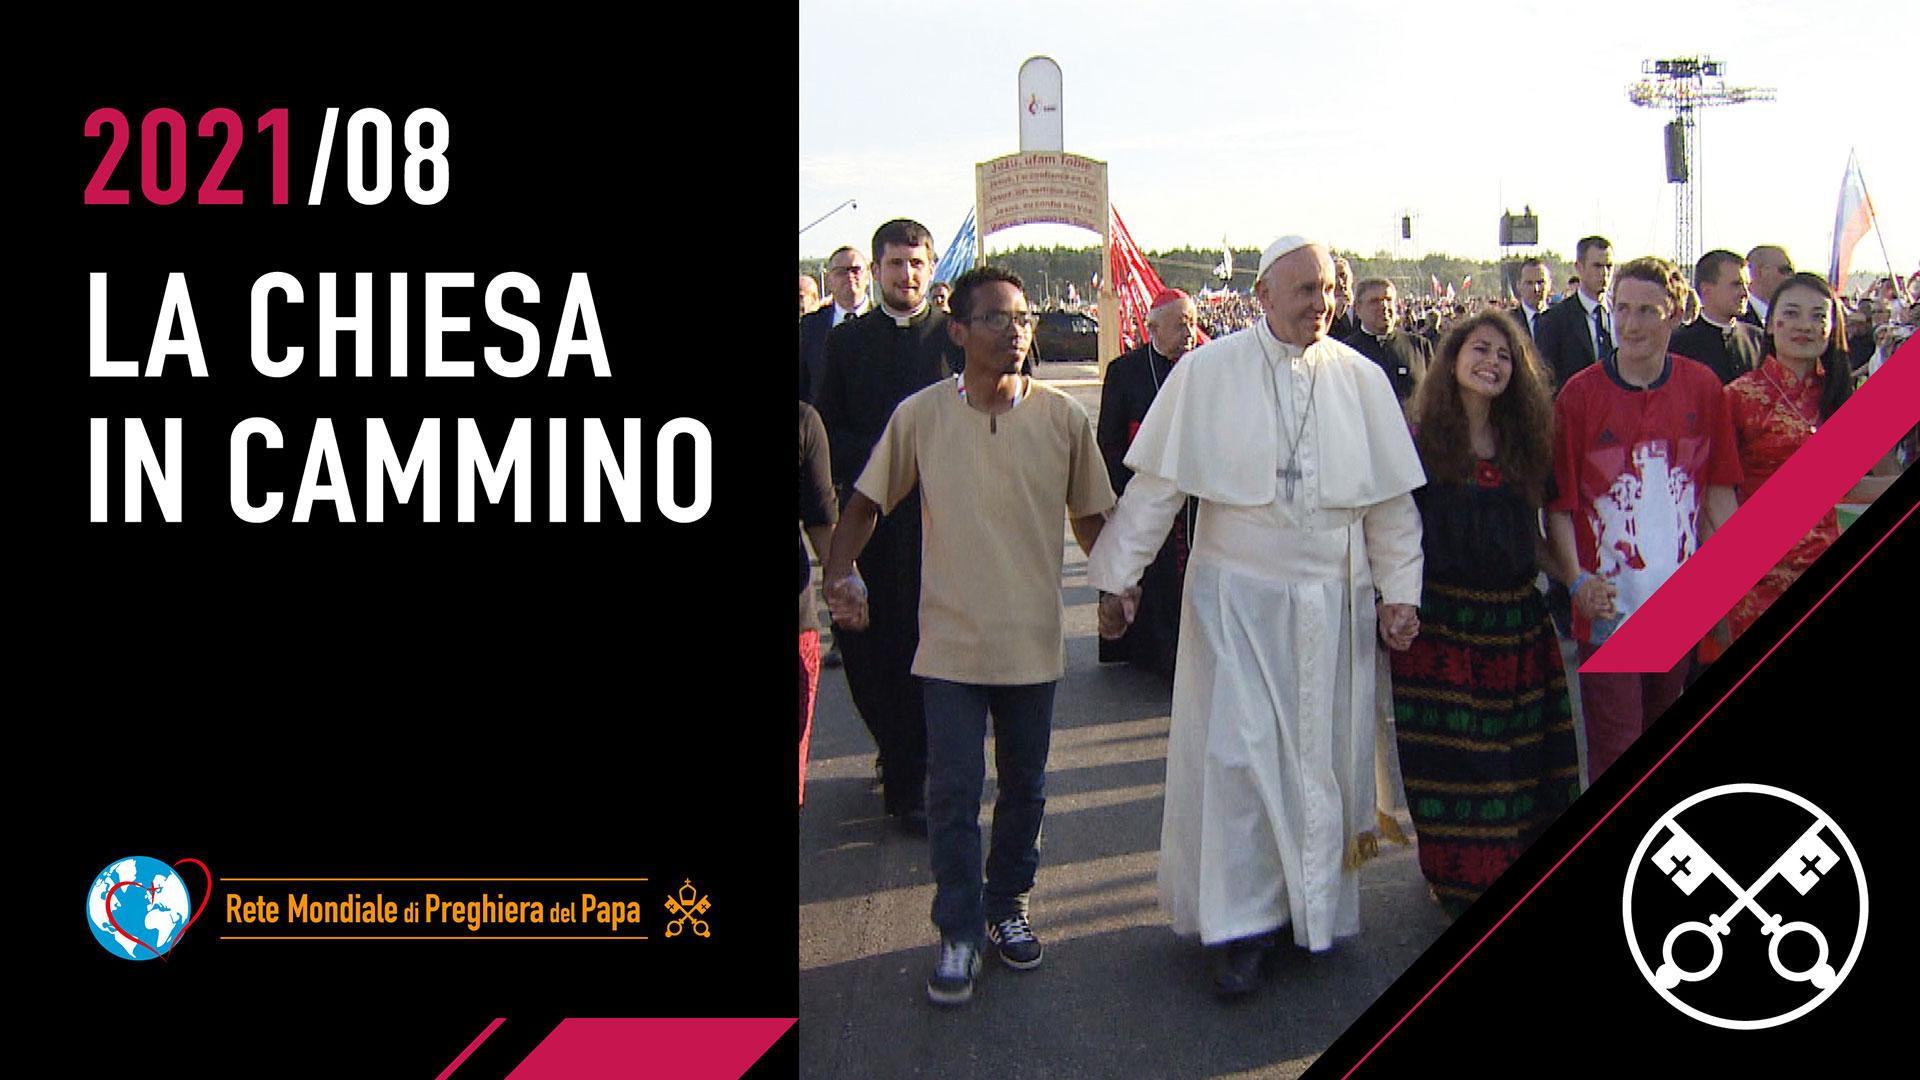 La Chiesa in cammino – Il Video del Papa